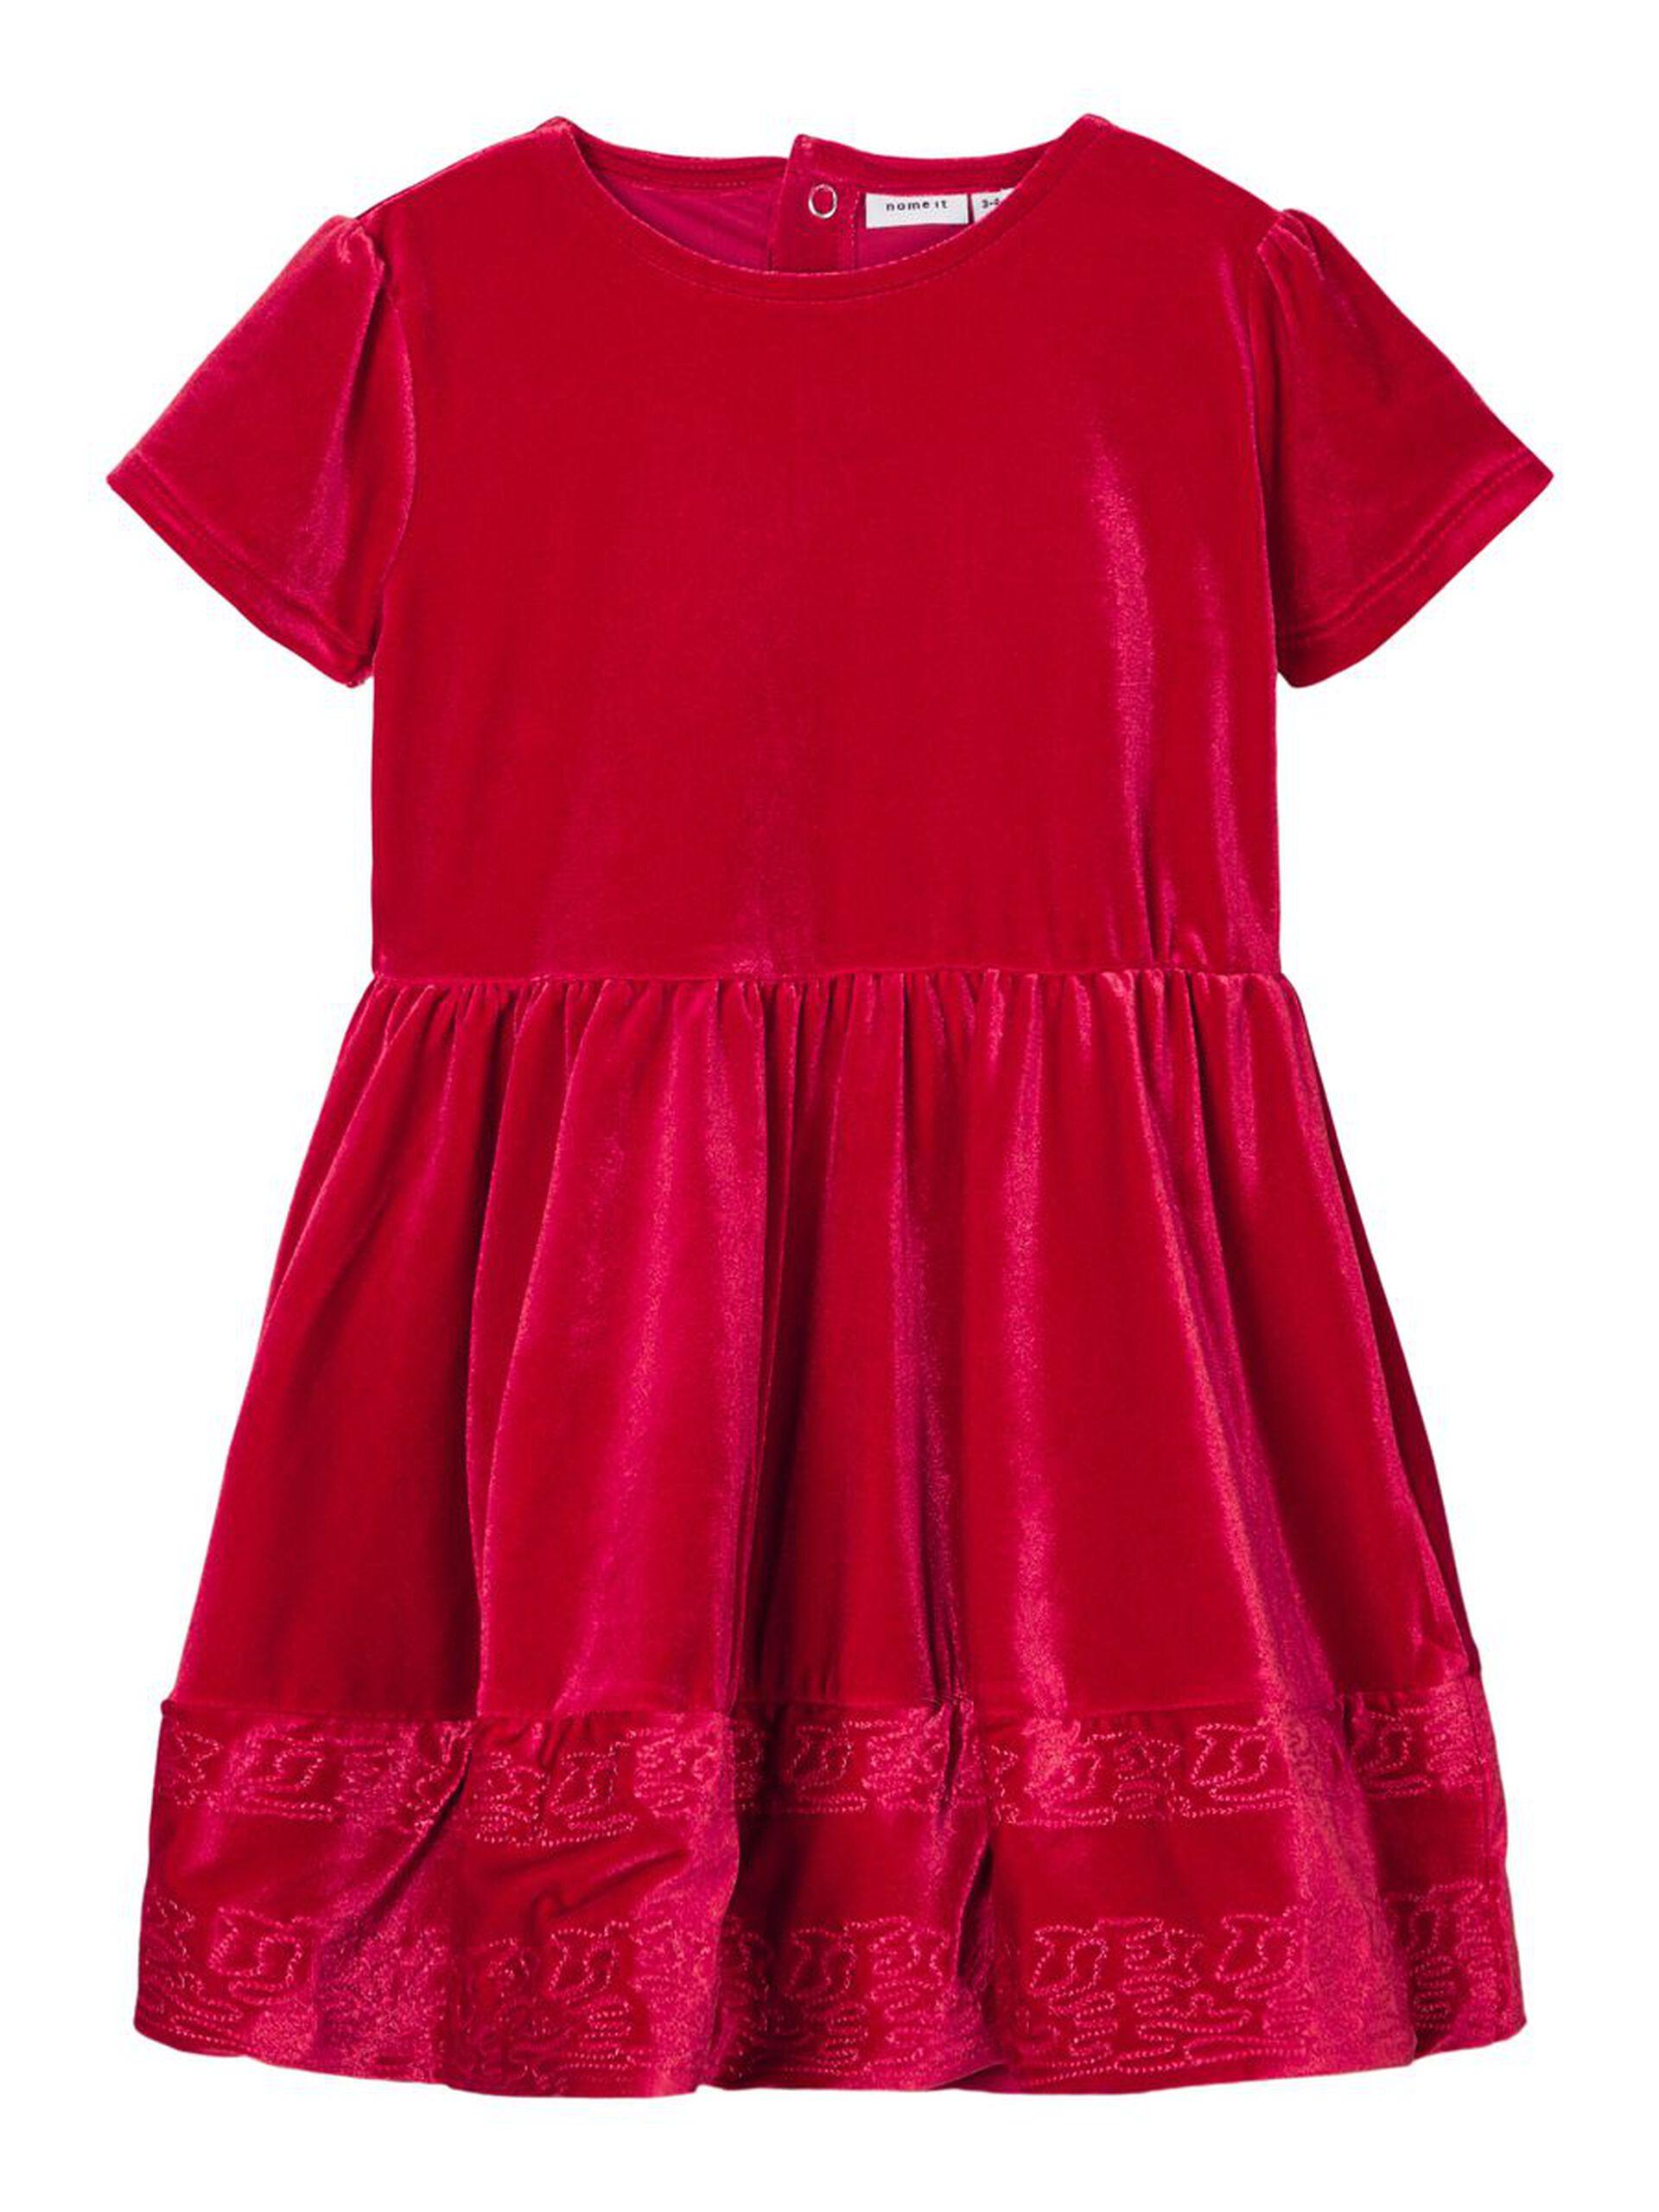 Rød julekjole barn – Penklær til jul rød kjole i velur  – Mio Trend